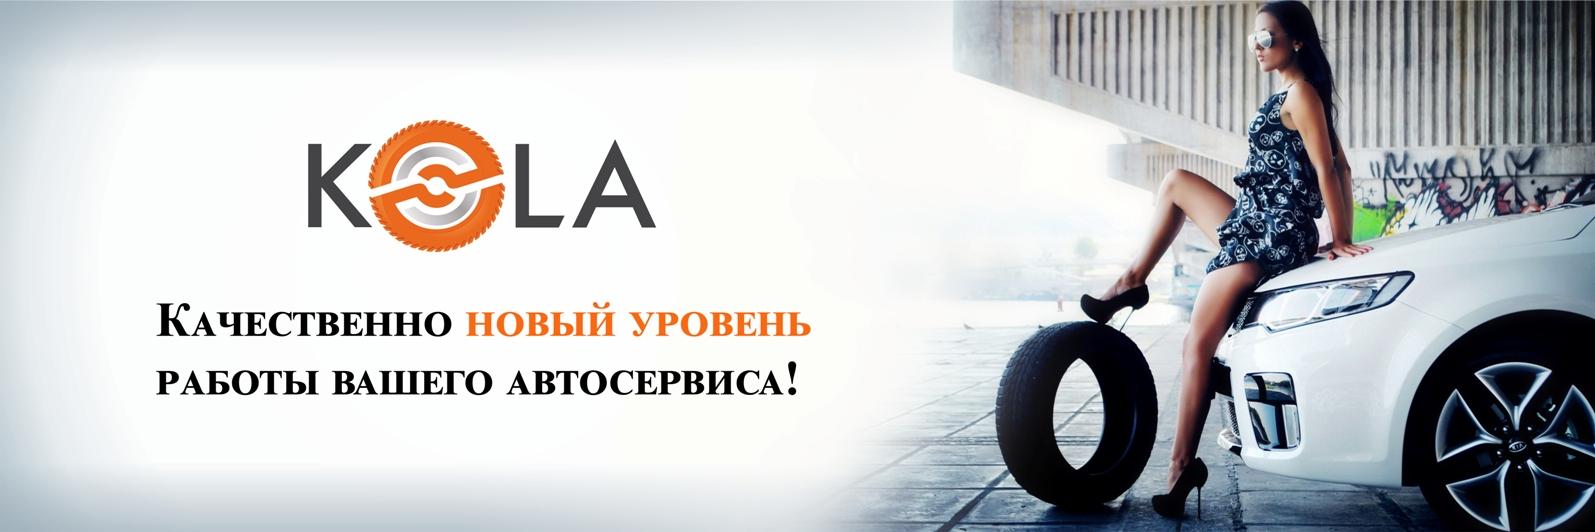 программа для автосервиса руководство по ремонту автомобилей